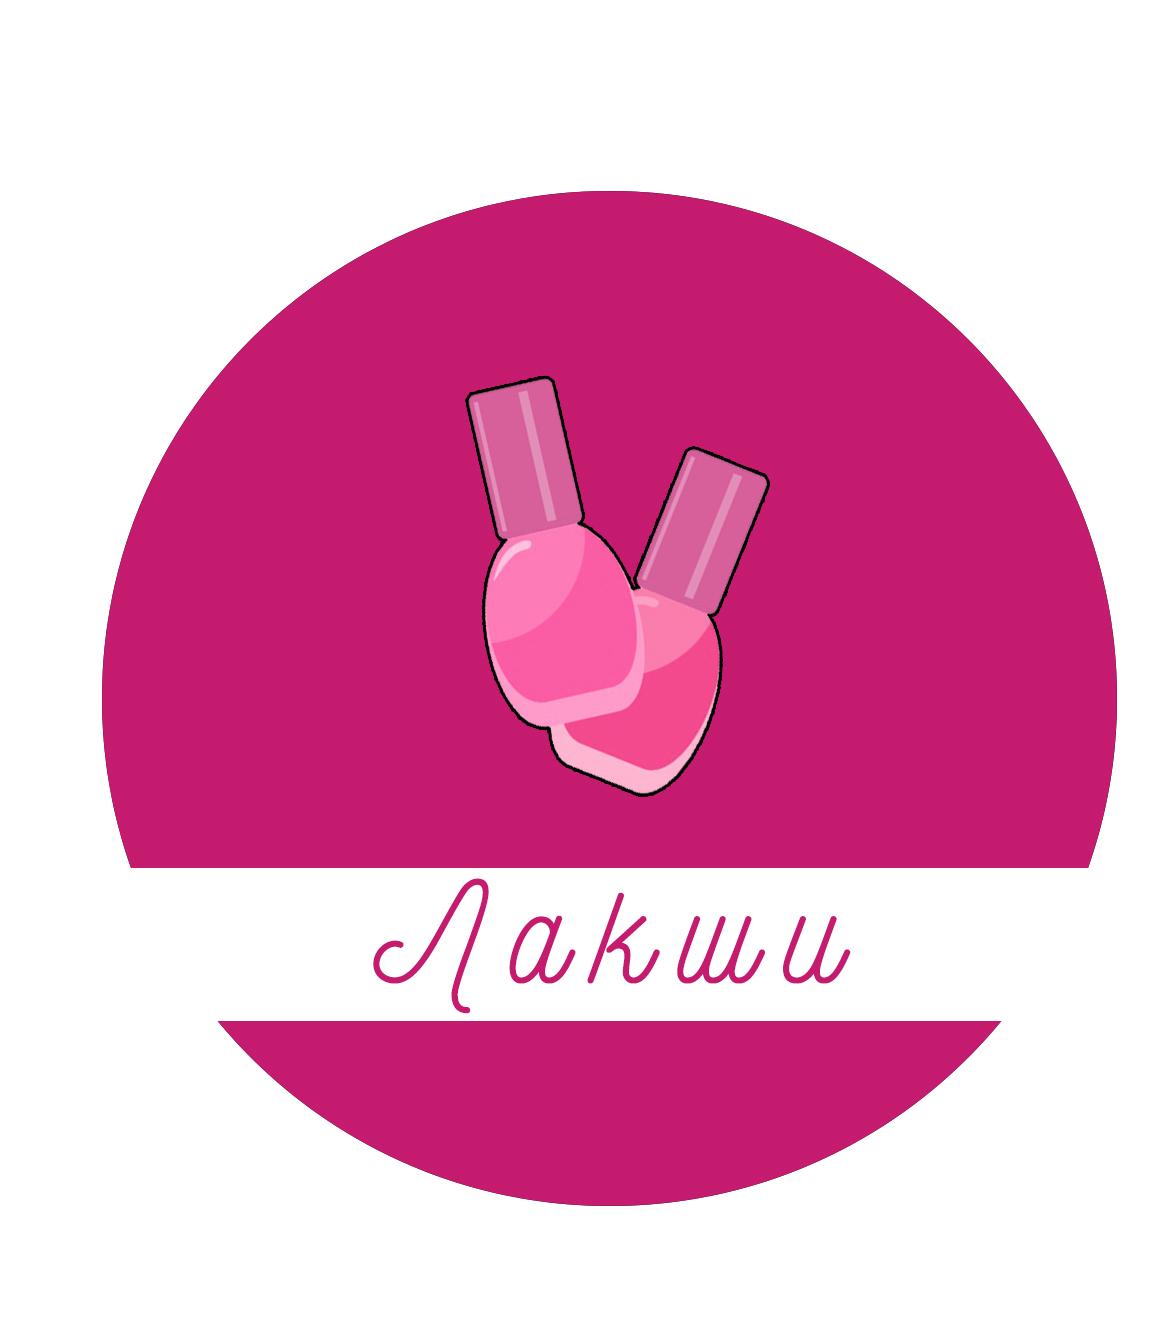 Разработка логотипа фирменного стиля фото f_3555c55ce6f3d241.jpg